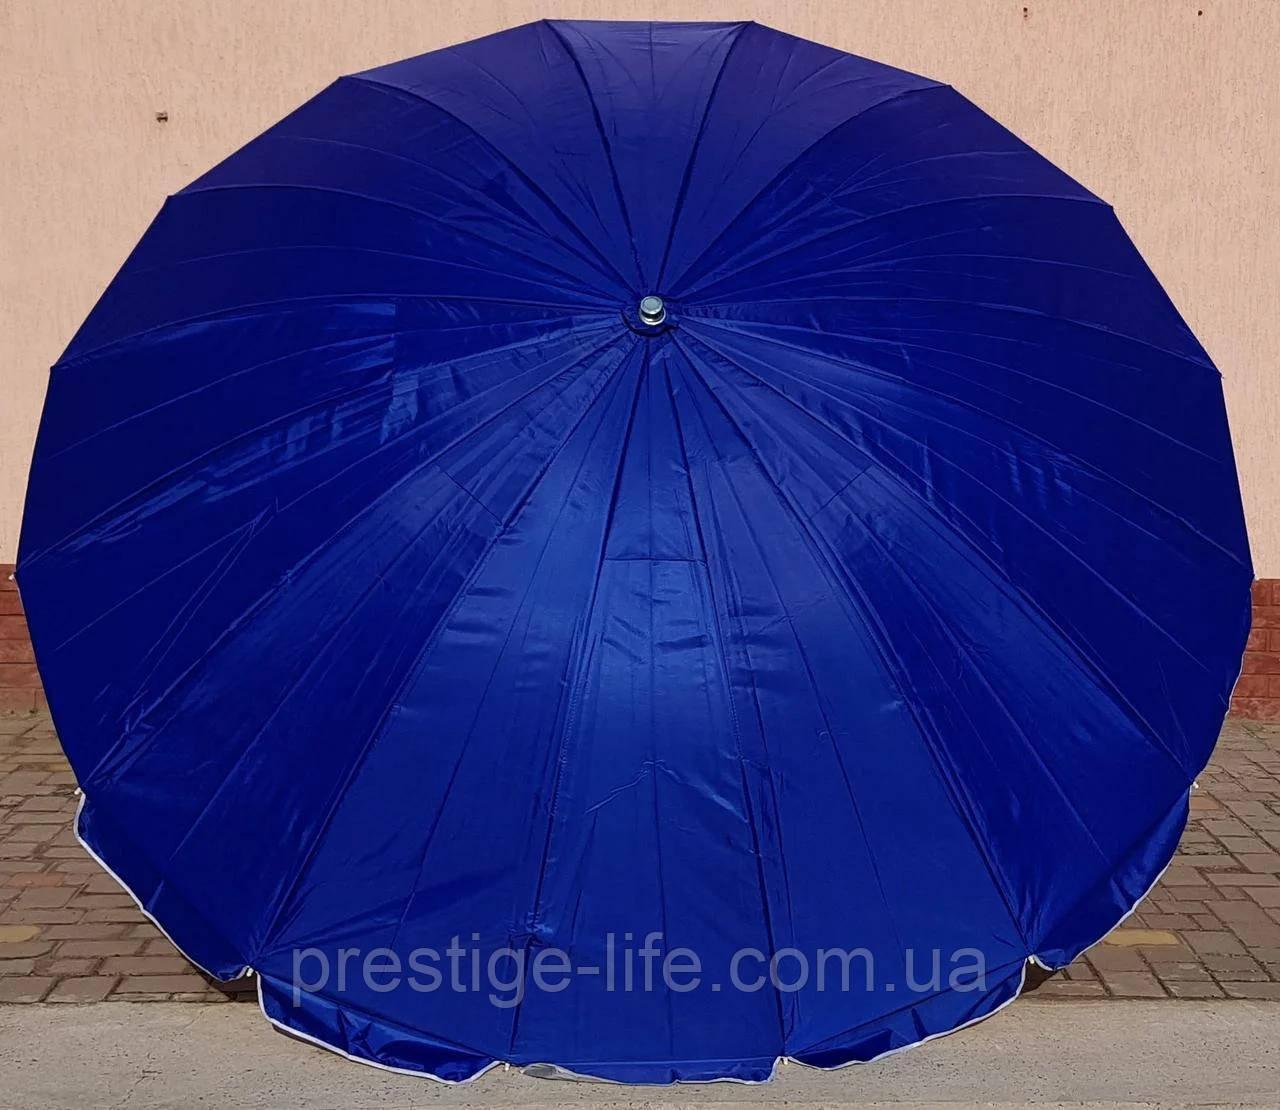 Торговий, садової, пляжний Парасолька діаметром 3 м, з 16 спицями. Пластикові спиці. Срібне покриття. Синій